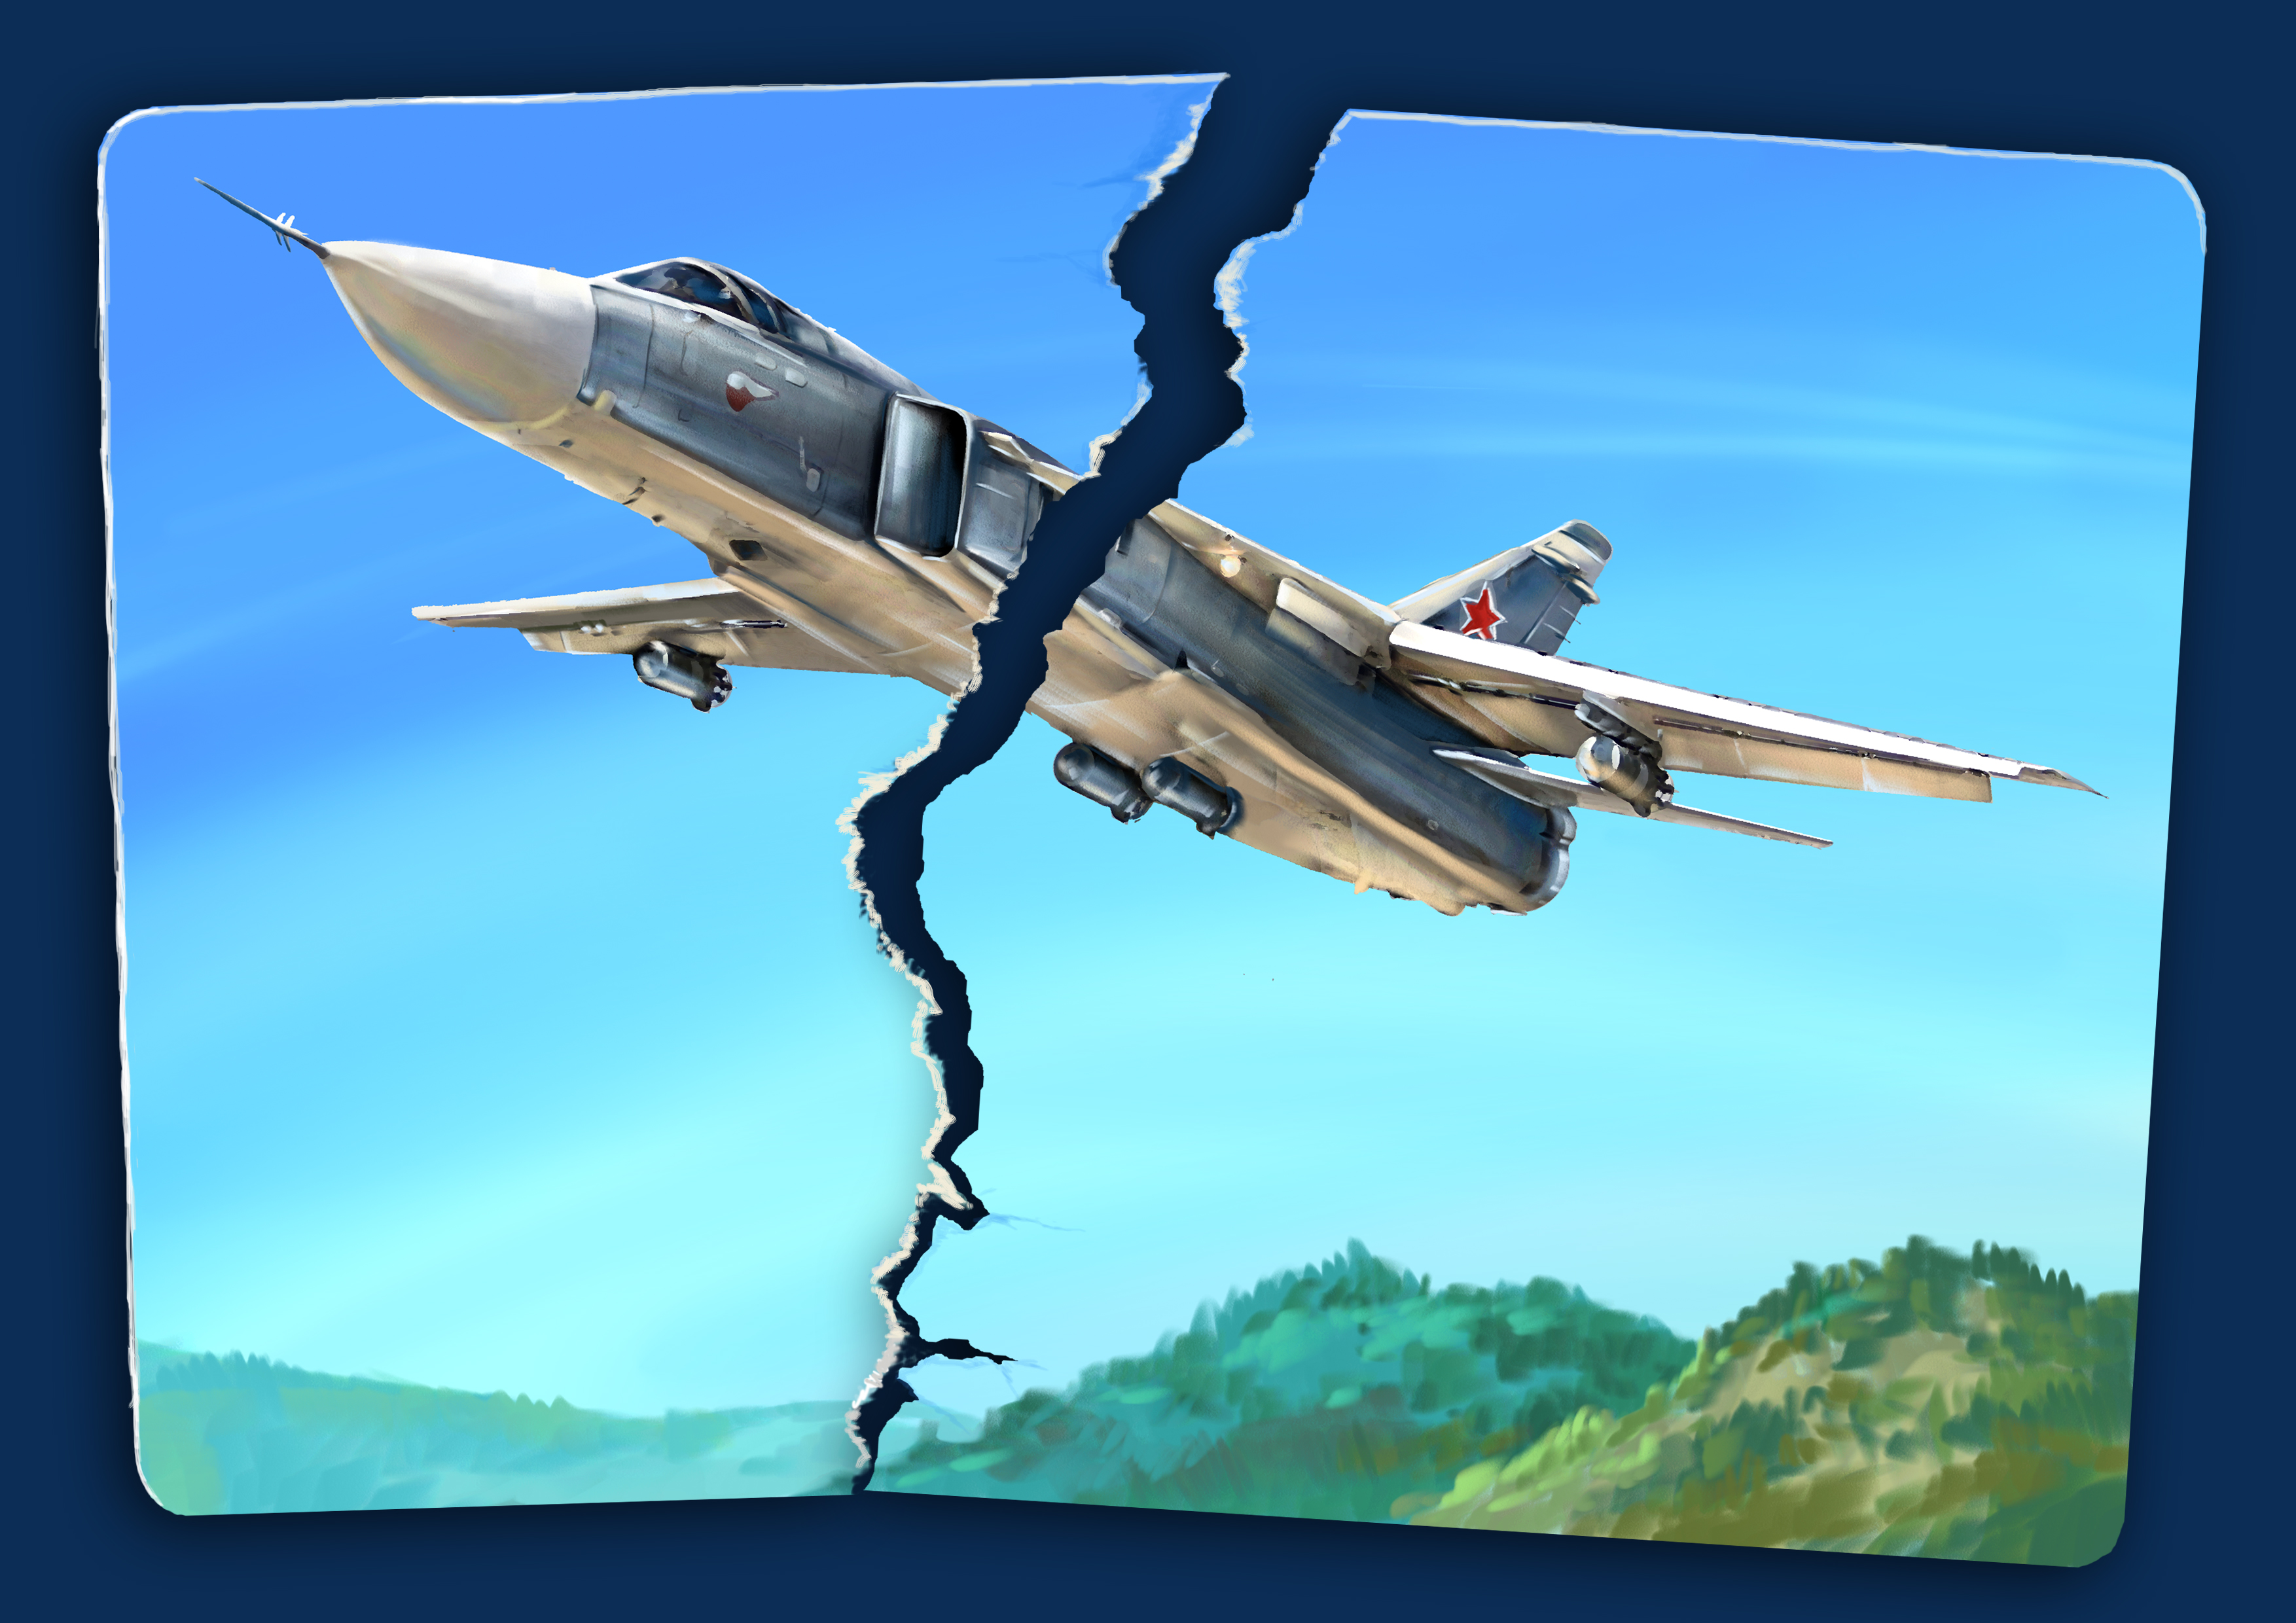 Ще се запазят ли отношенията между Москва и Анкара след инцидента със сваления самолет?